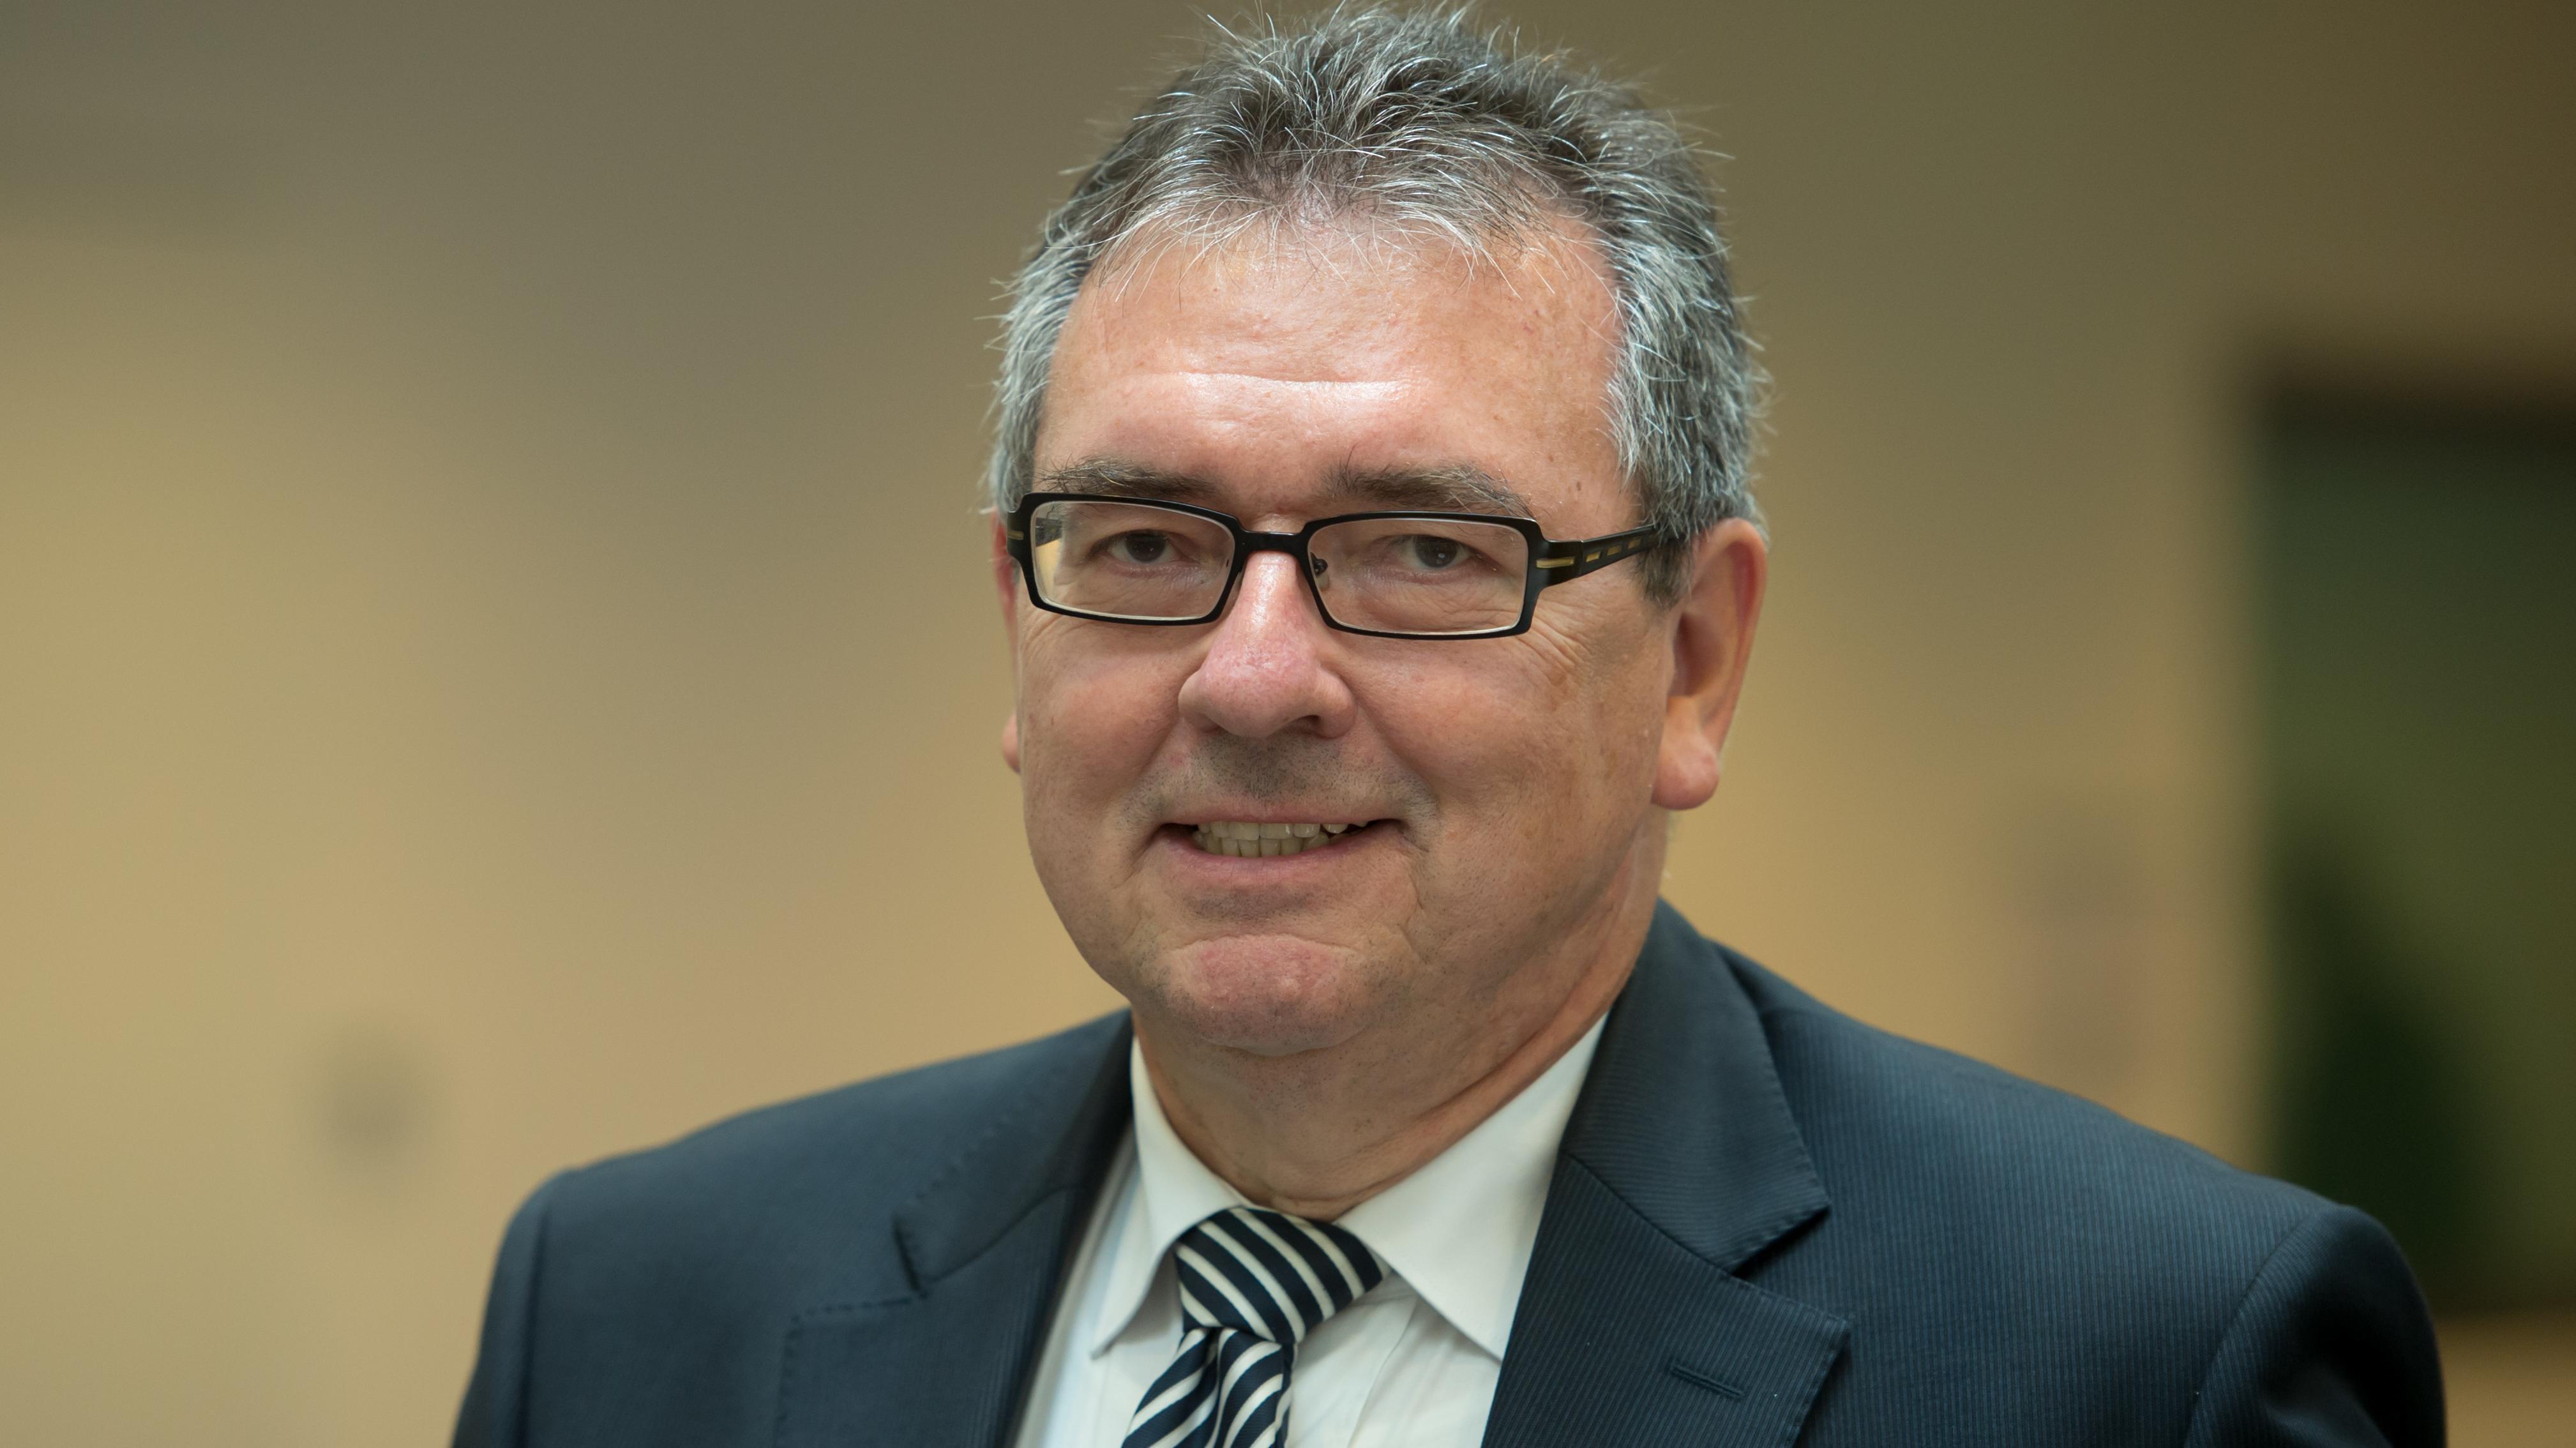 Der Präsident des Bayerischen Verfassungsgerichtshofs, Peter Küspert (2016)